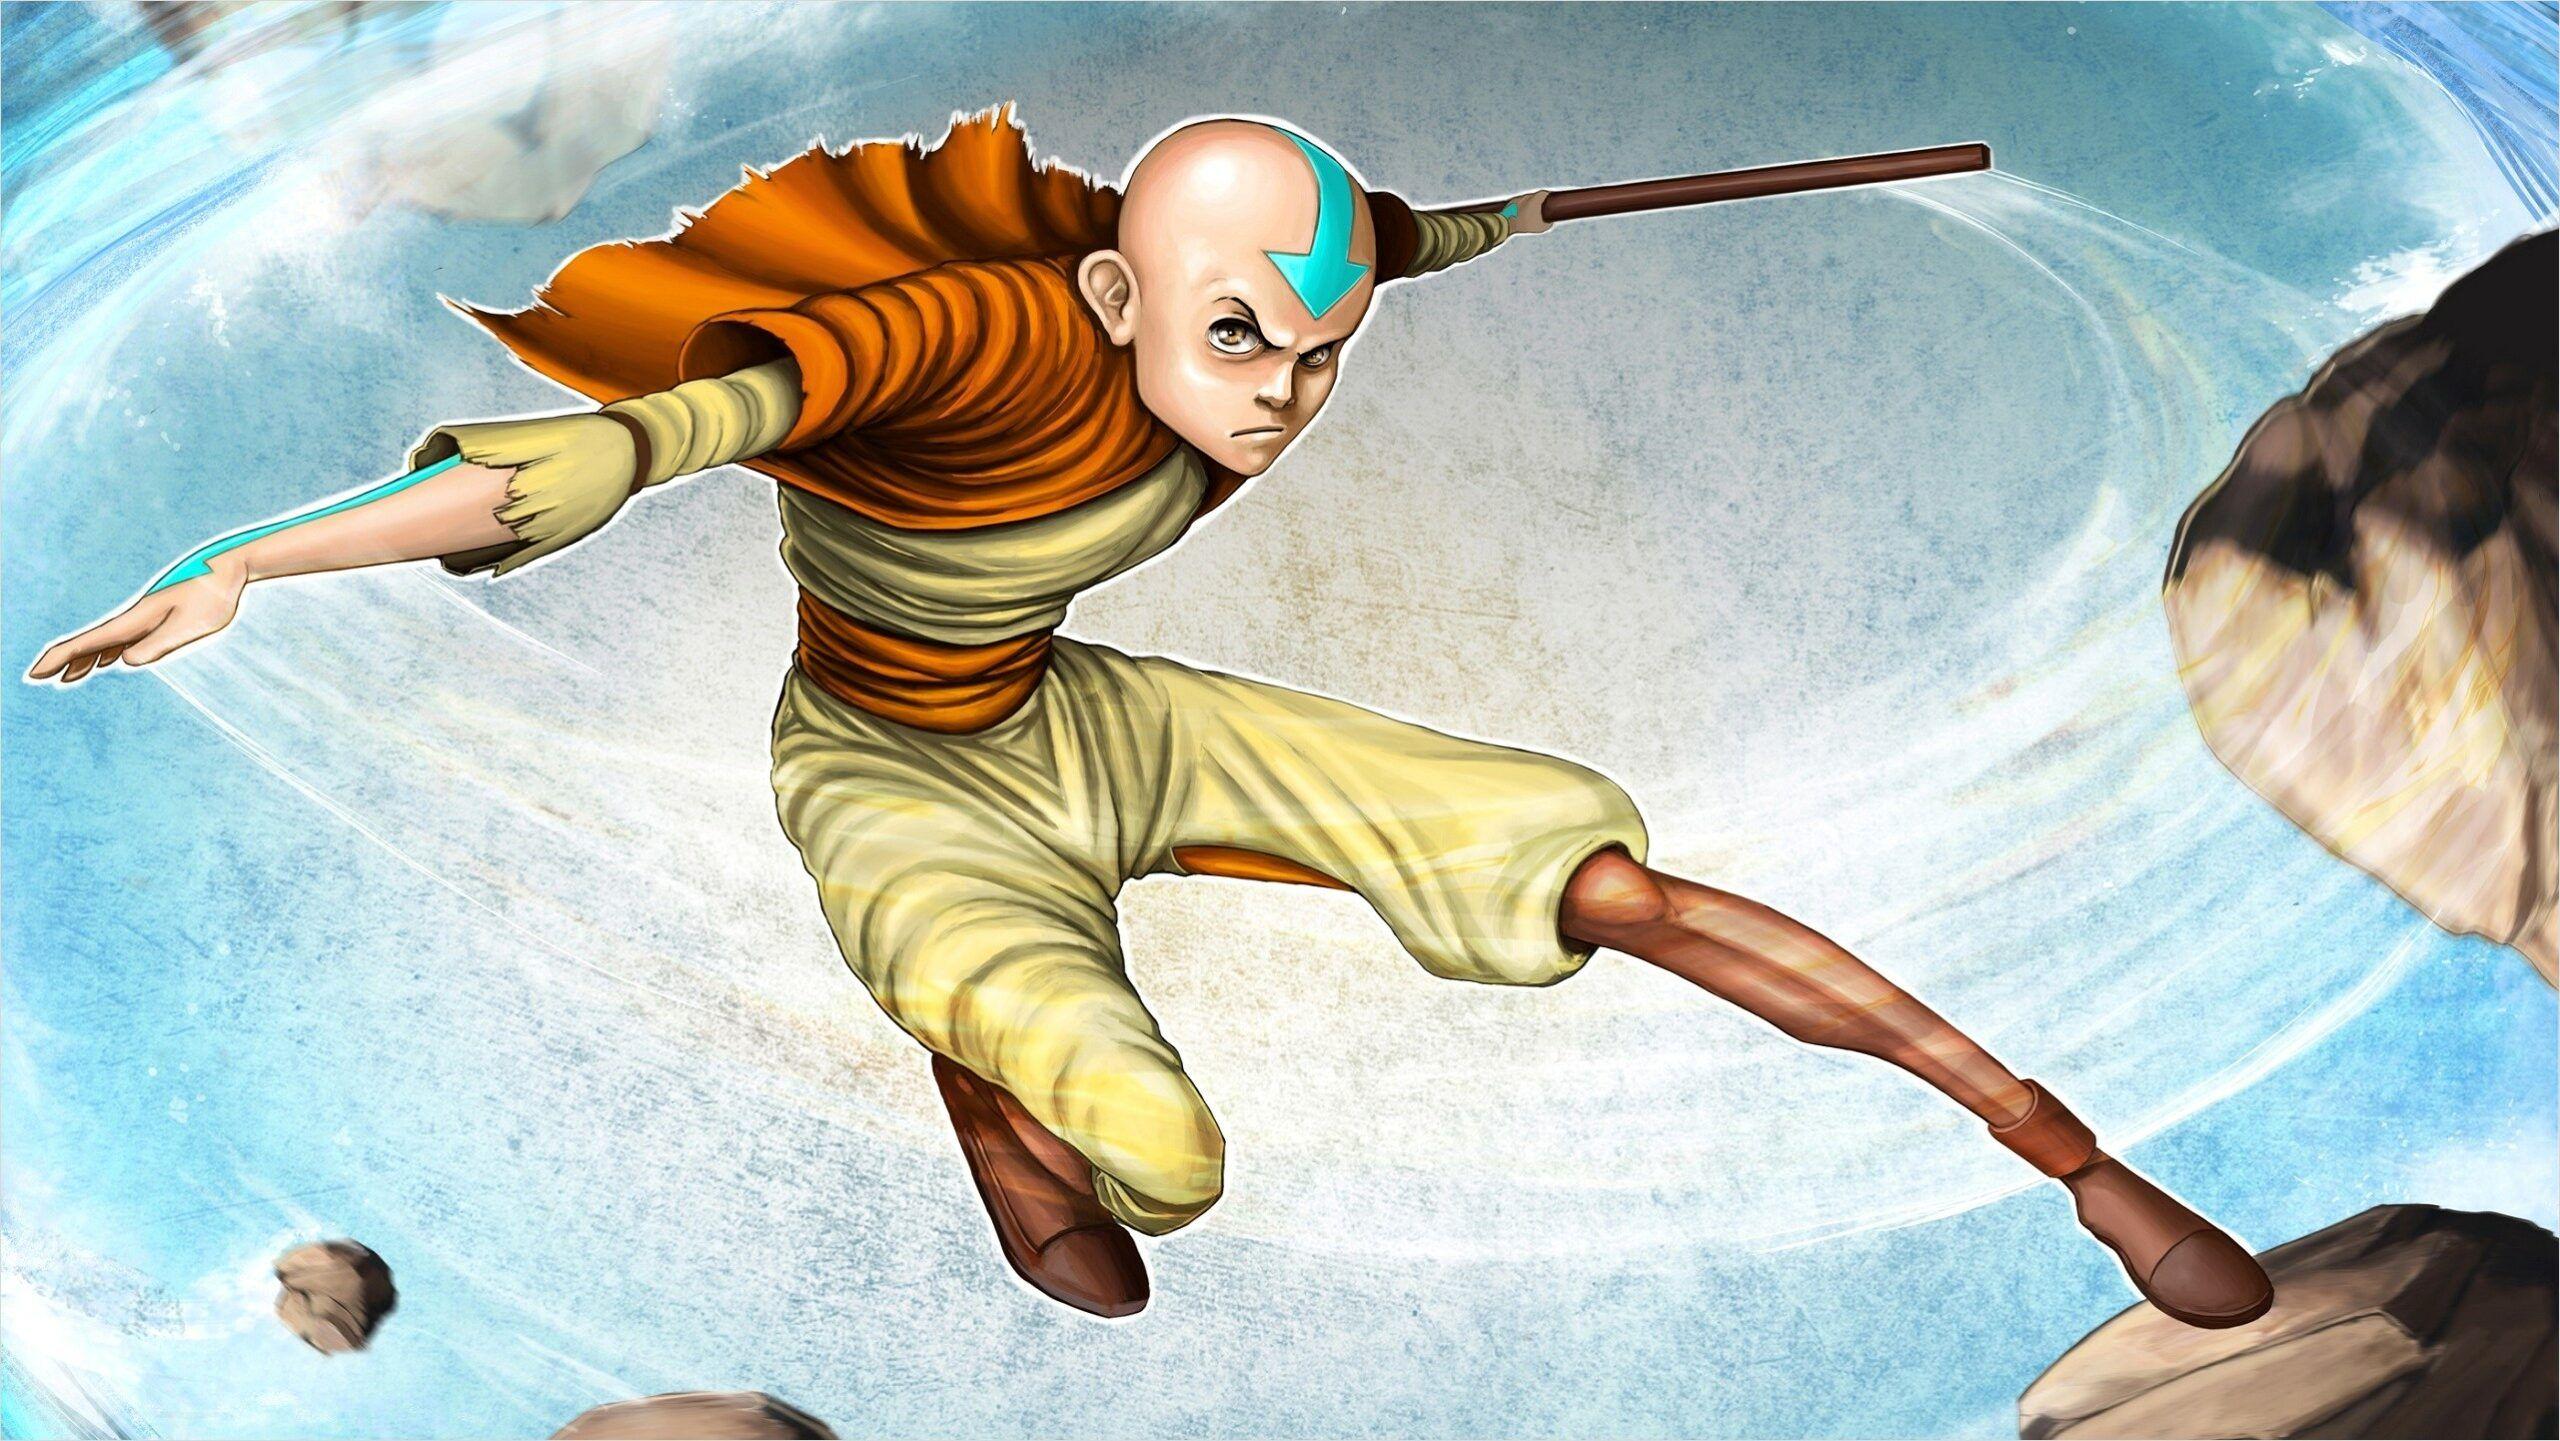 4k Avatar Last Airbender Wallpaper In 2020 Avatar The Last